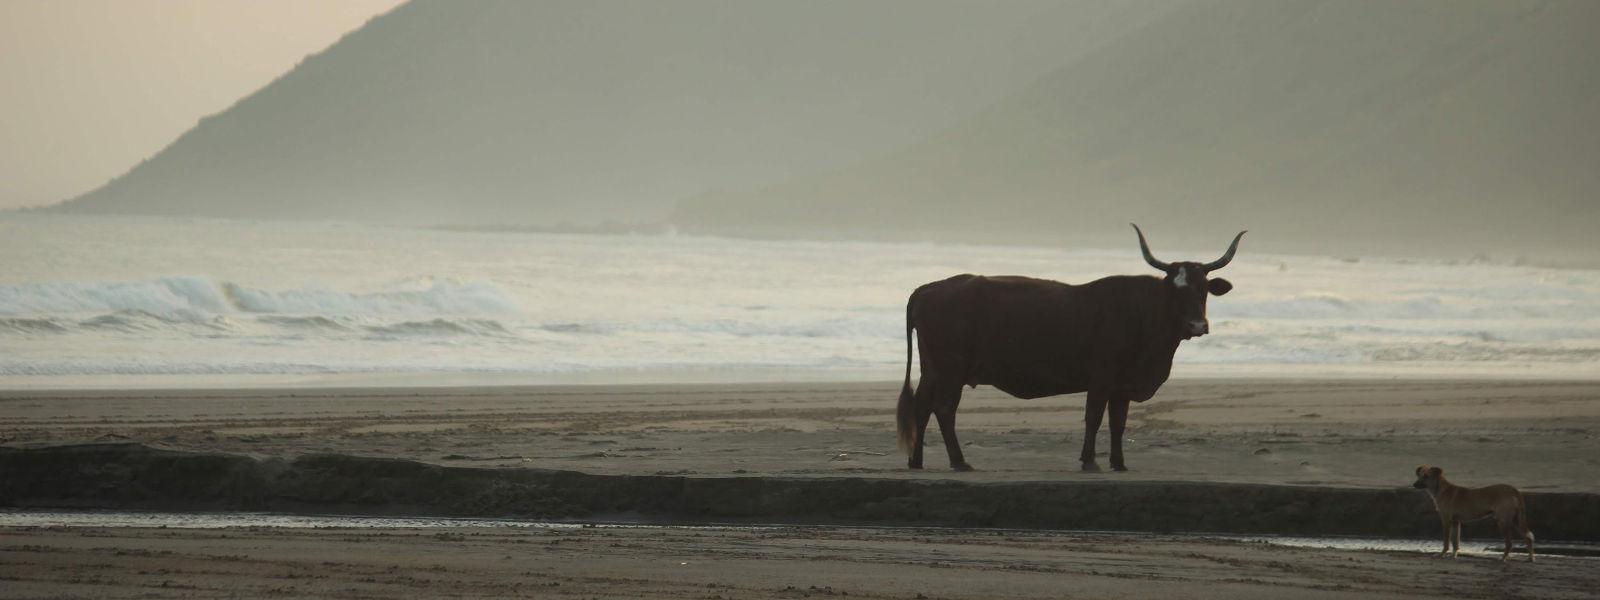 Cow and dog on  a beach - Wild Coast scene